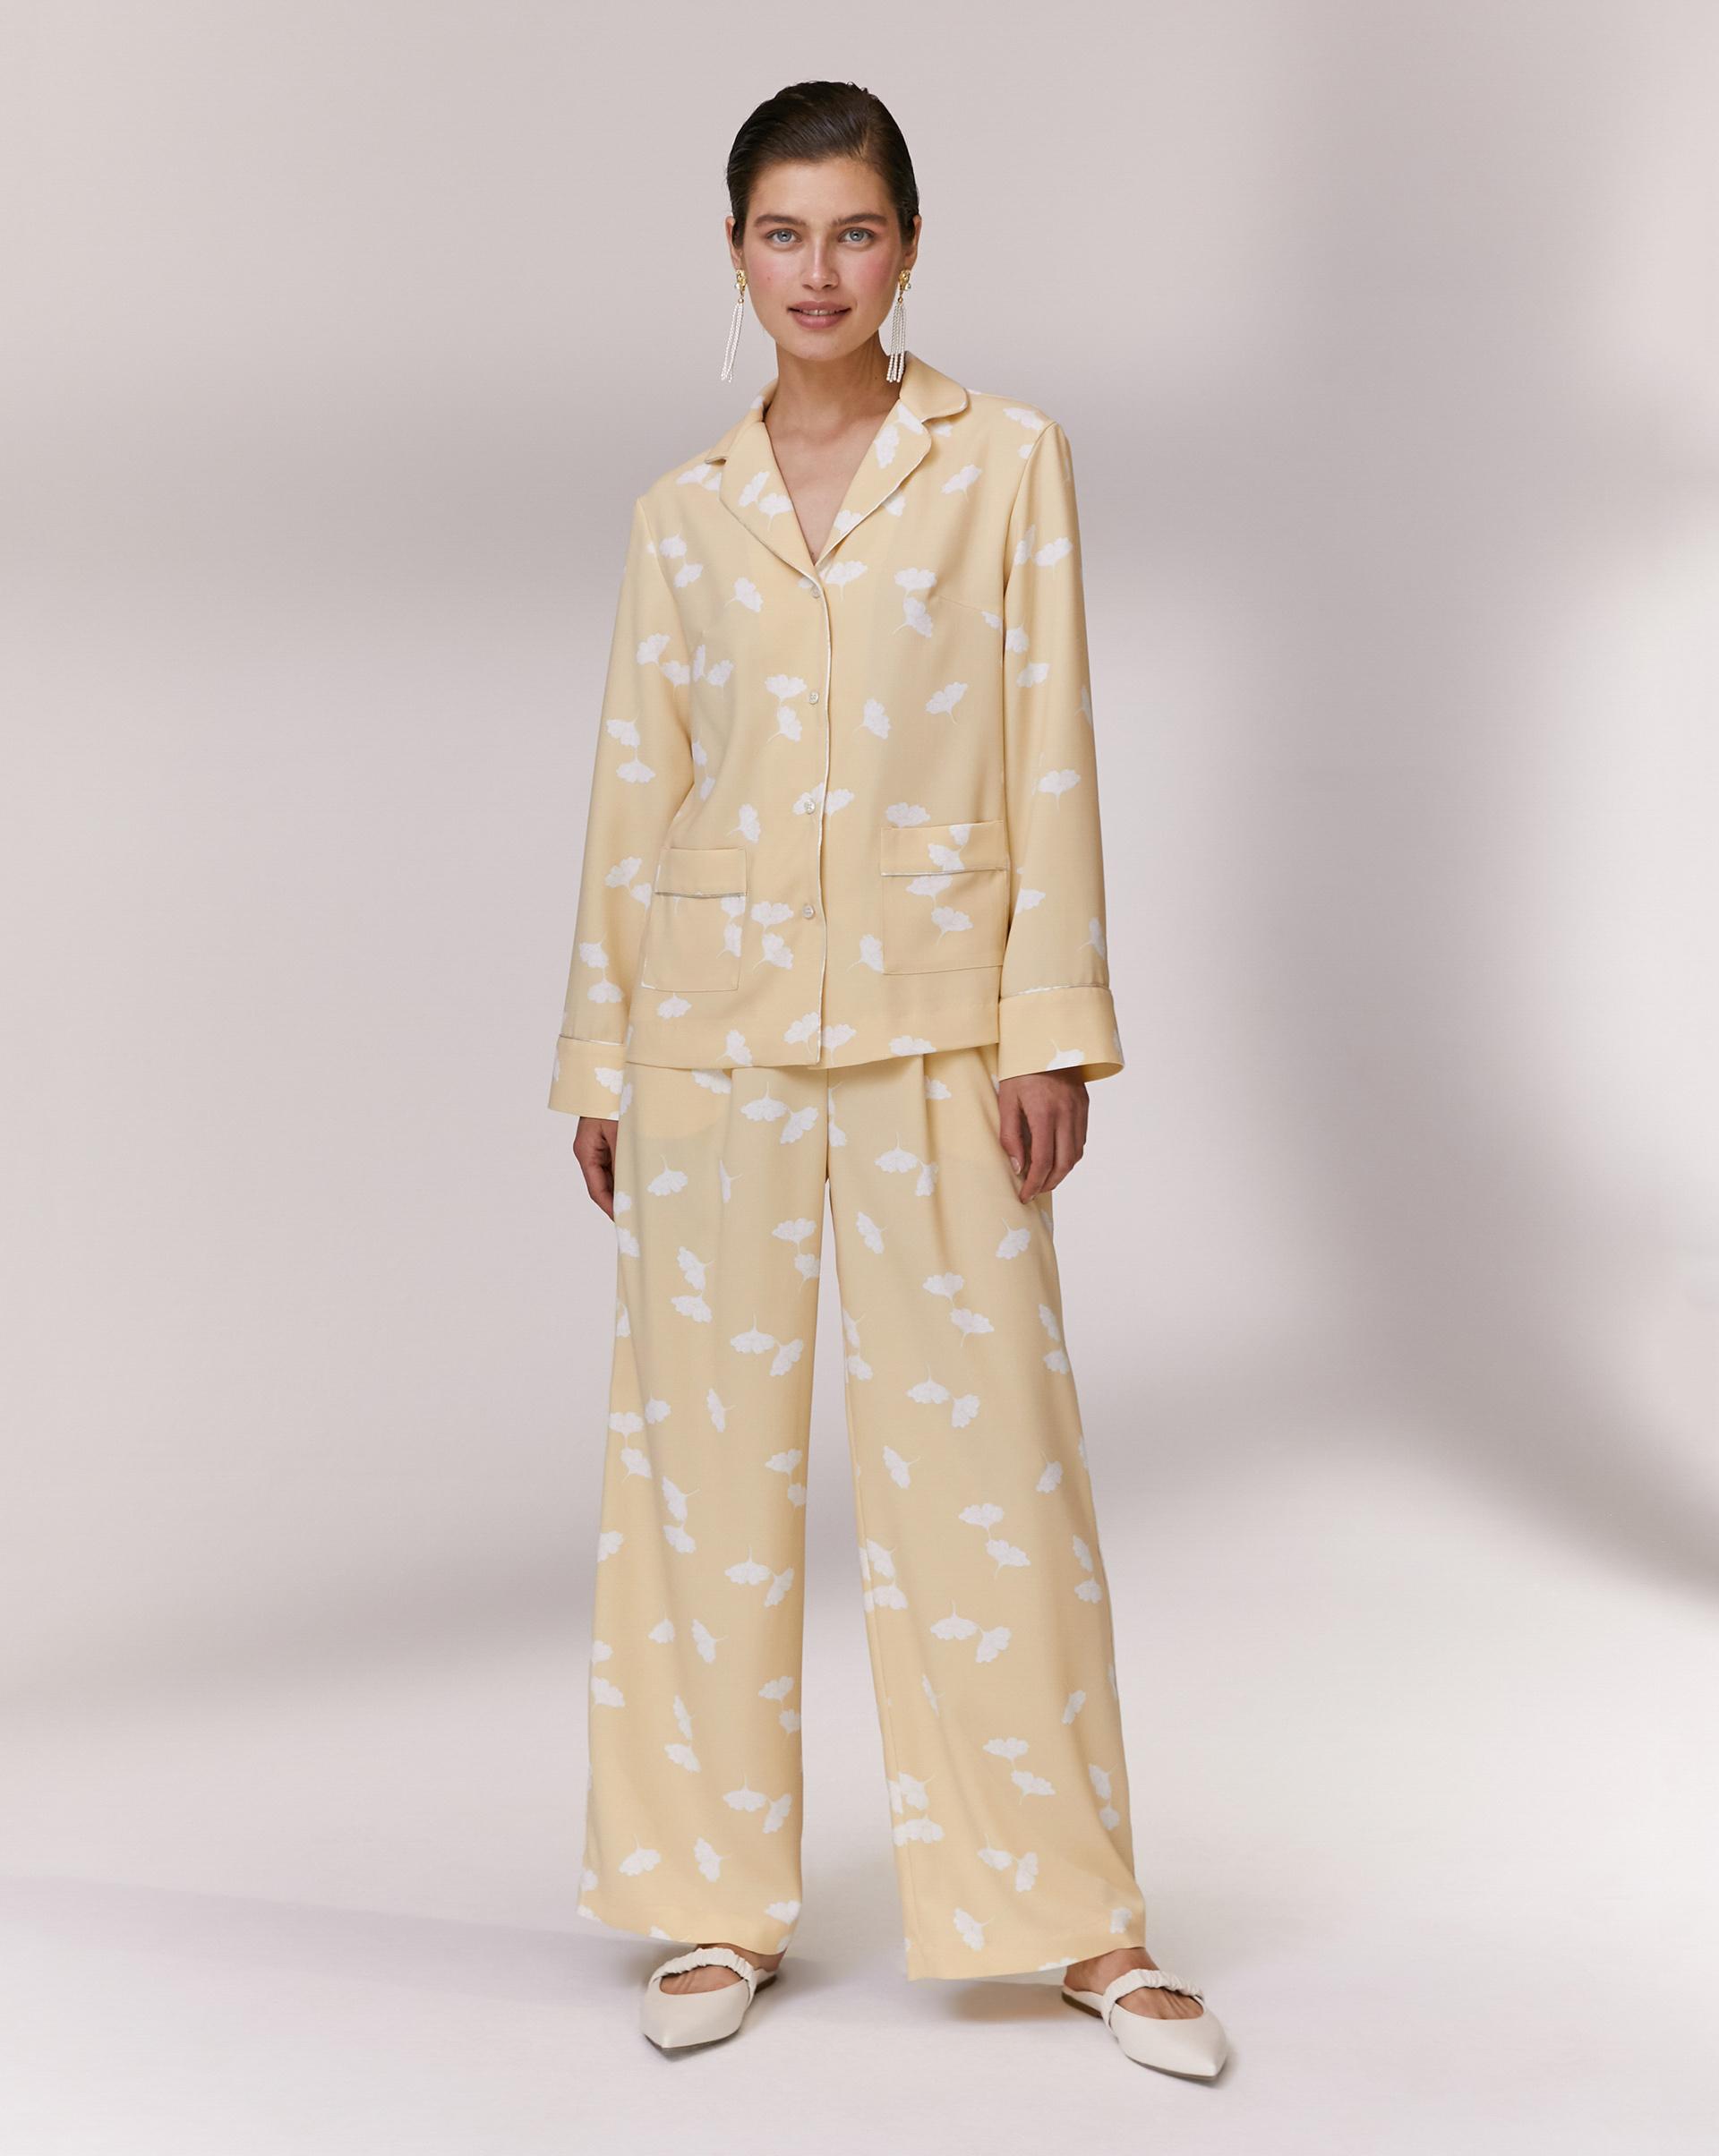 Фото - 12⠀STOREEZ Брюки свободные в пижамном стиле брюки в городском стиле из ткани стретч с удлиняющими вырезами